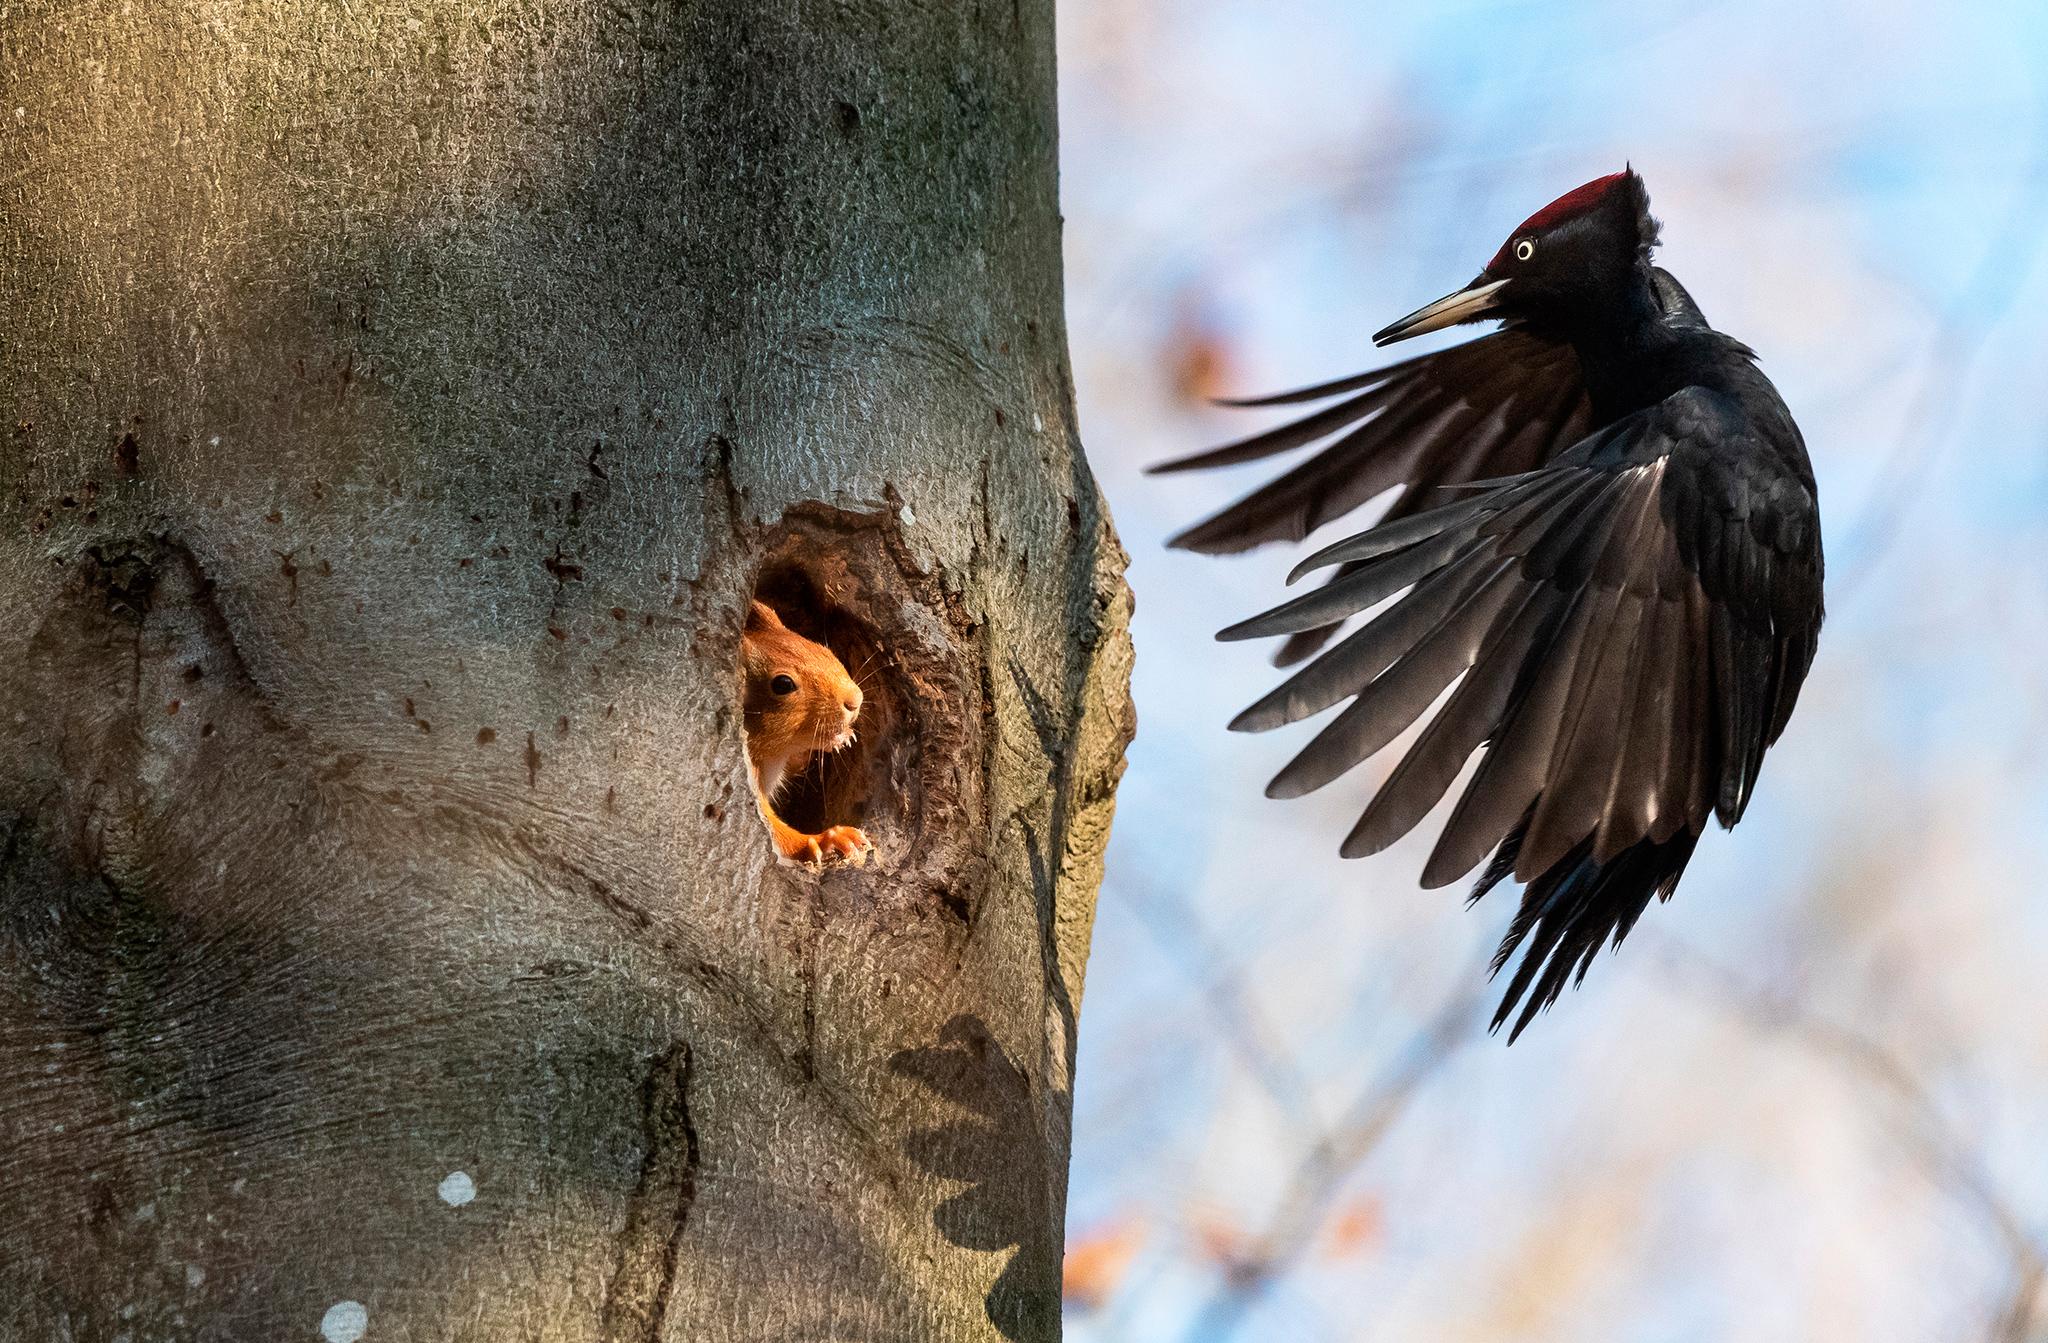 Écureuil roux surpris dans son sommeil par un couple de pics noirs le mâle veut récupérer la loge. Île de France - France